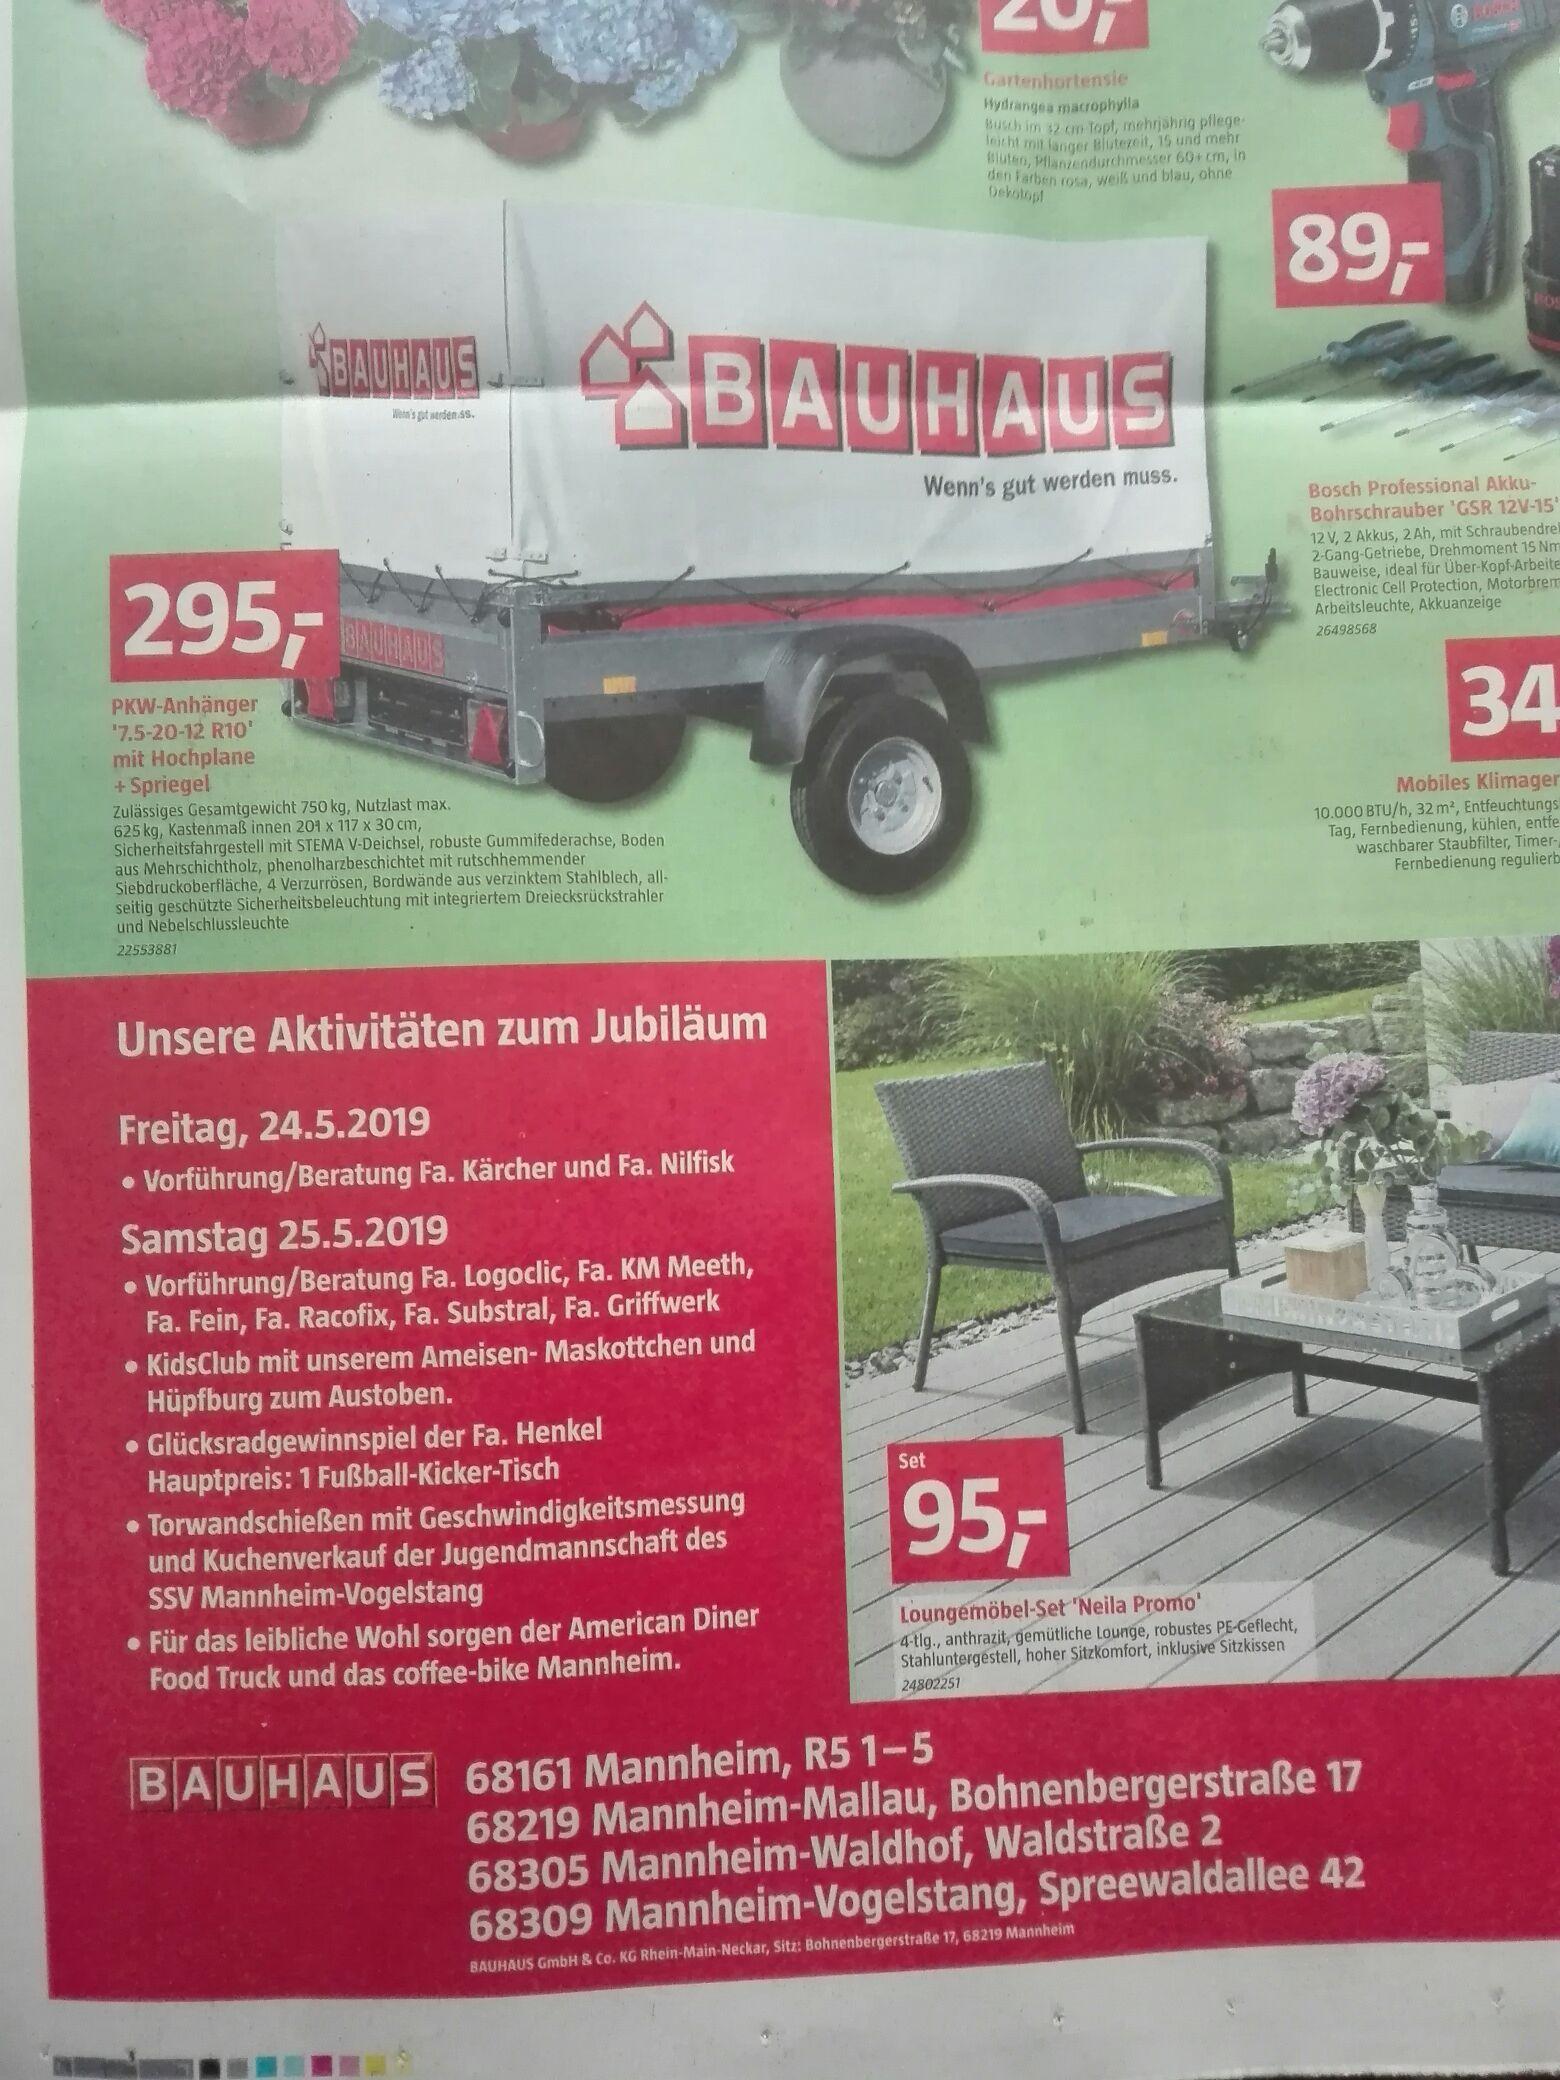 regional mannheim nur offline bauhaus pkw anh nger mit. Black Bedroom Furniture Sets. Home Design Ideas